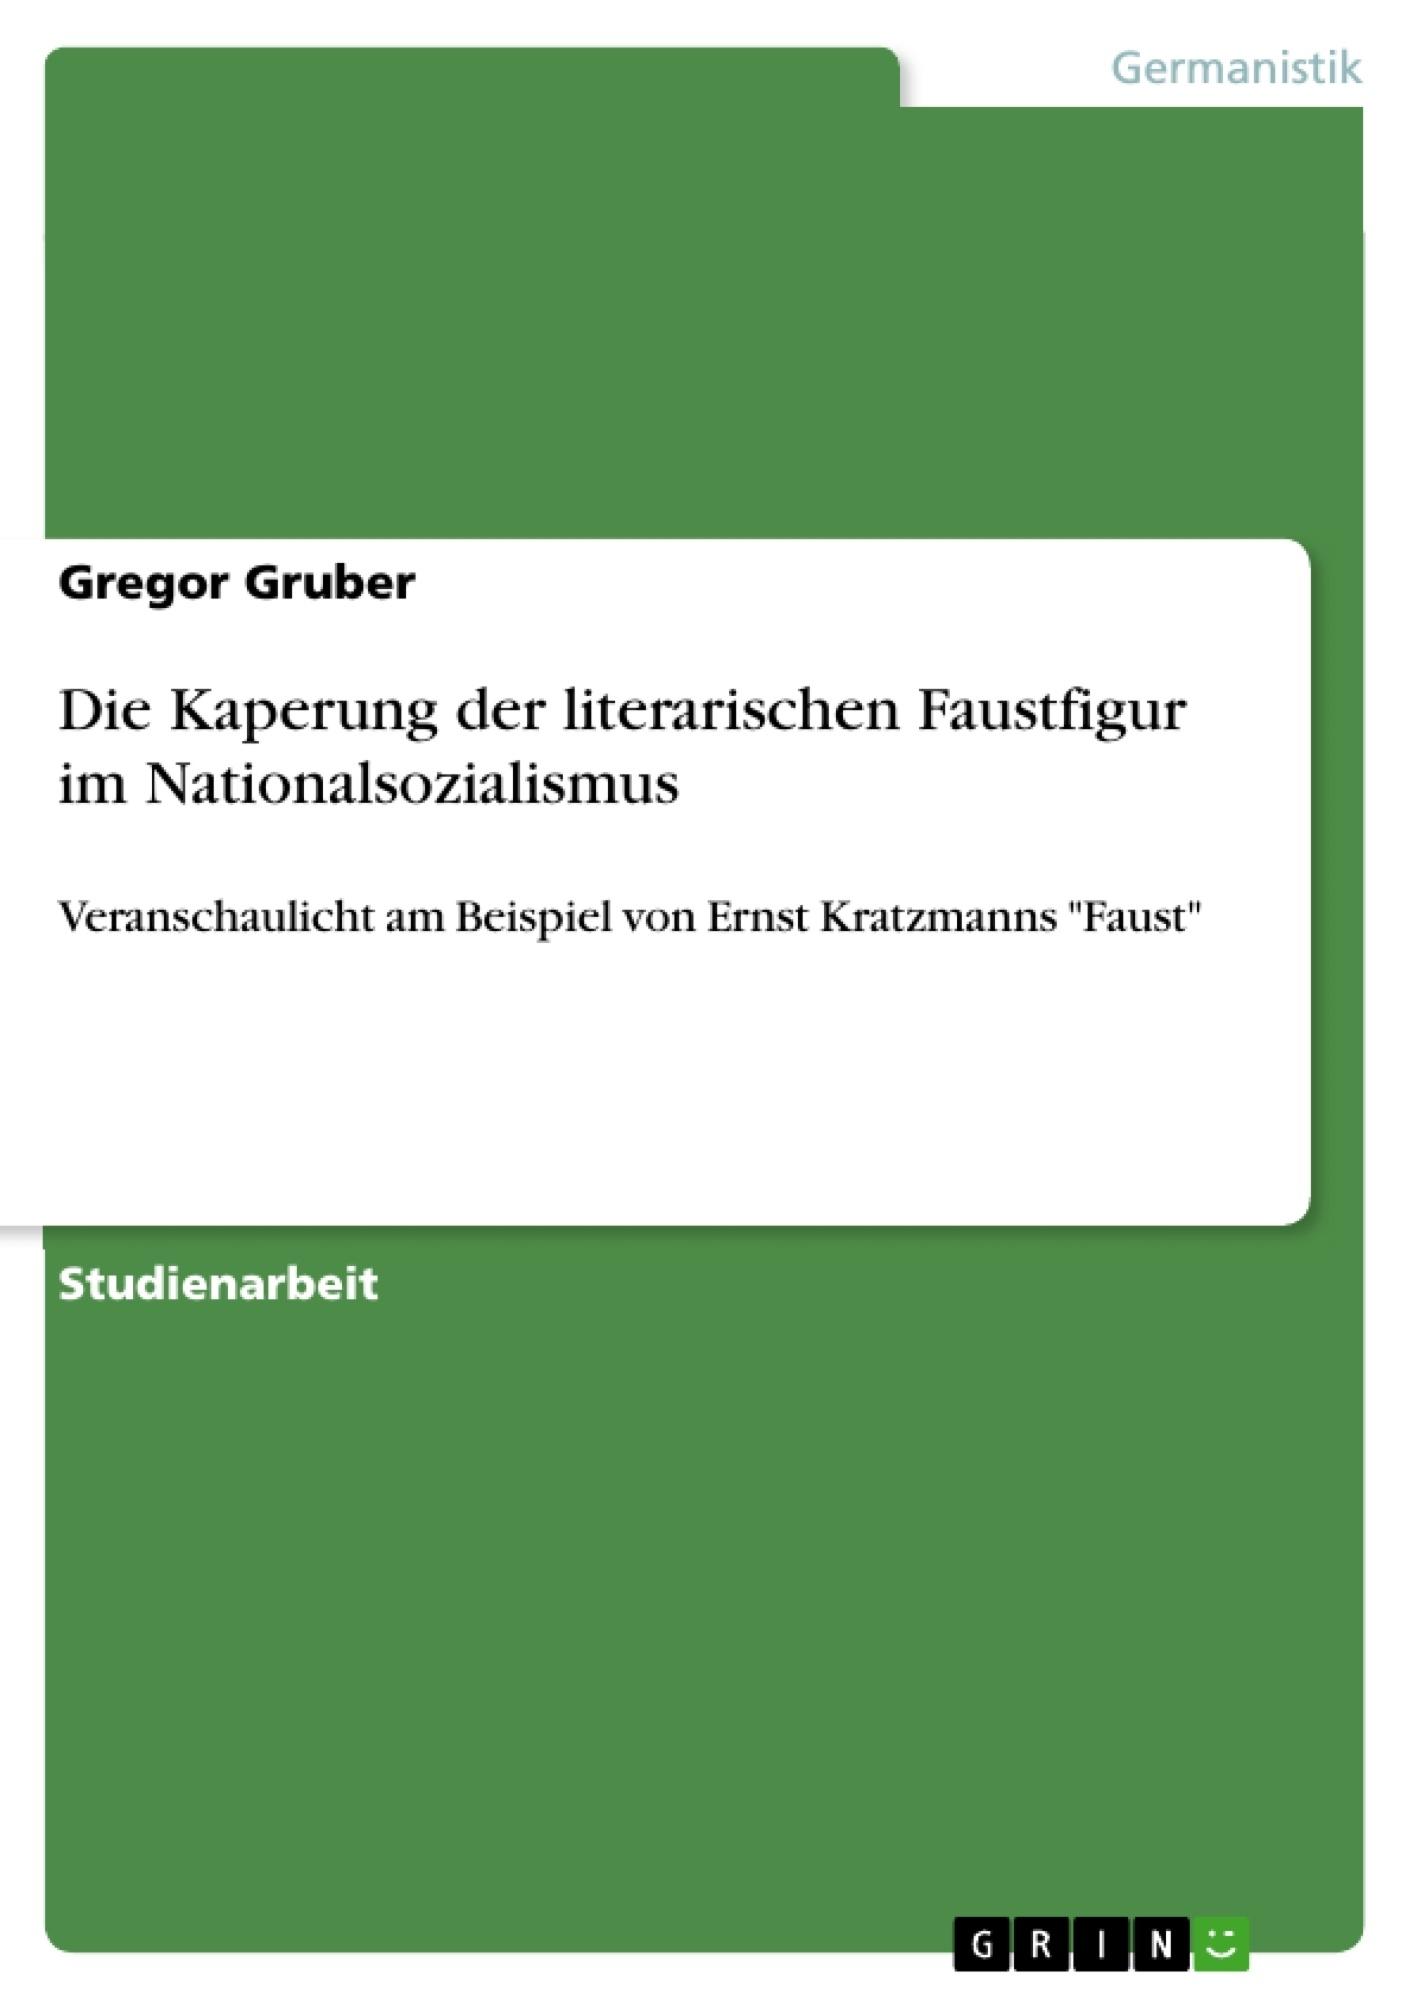 Titel: Die Kaperung der literarischen Faustfigur im Nationalsozialismus